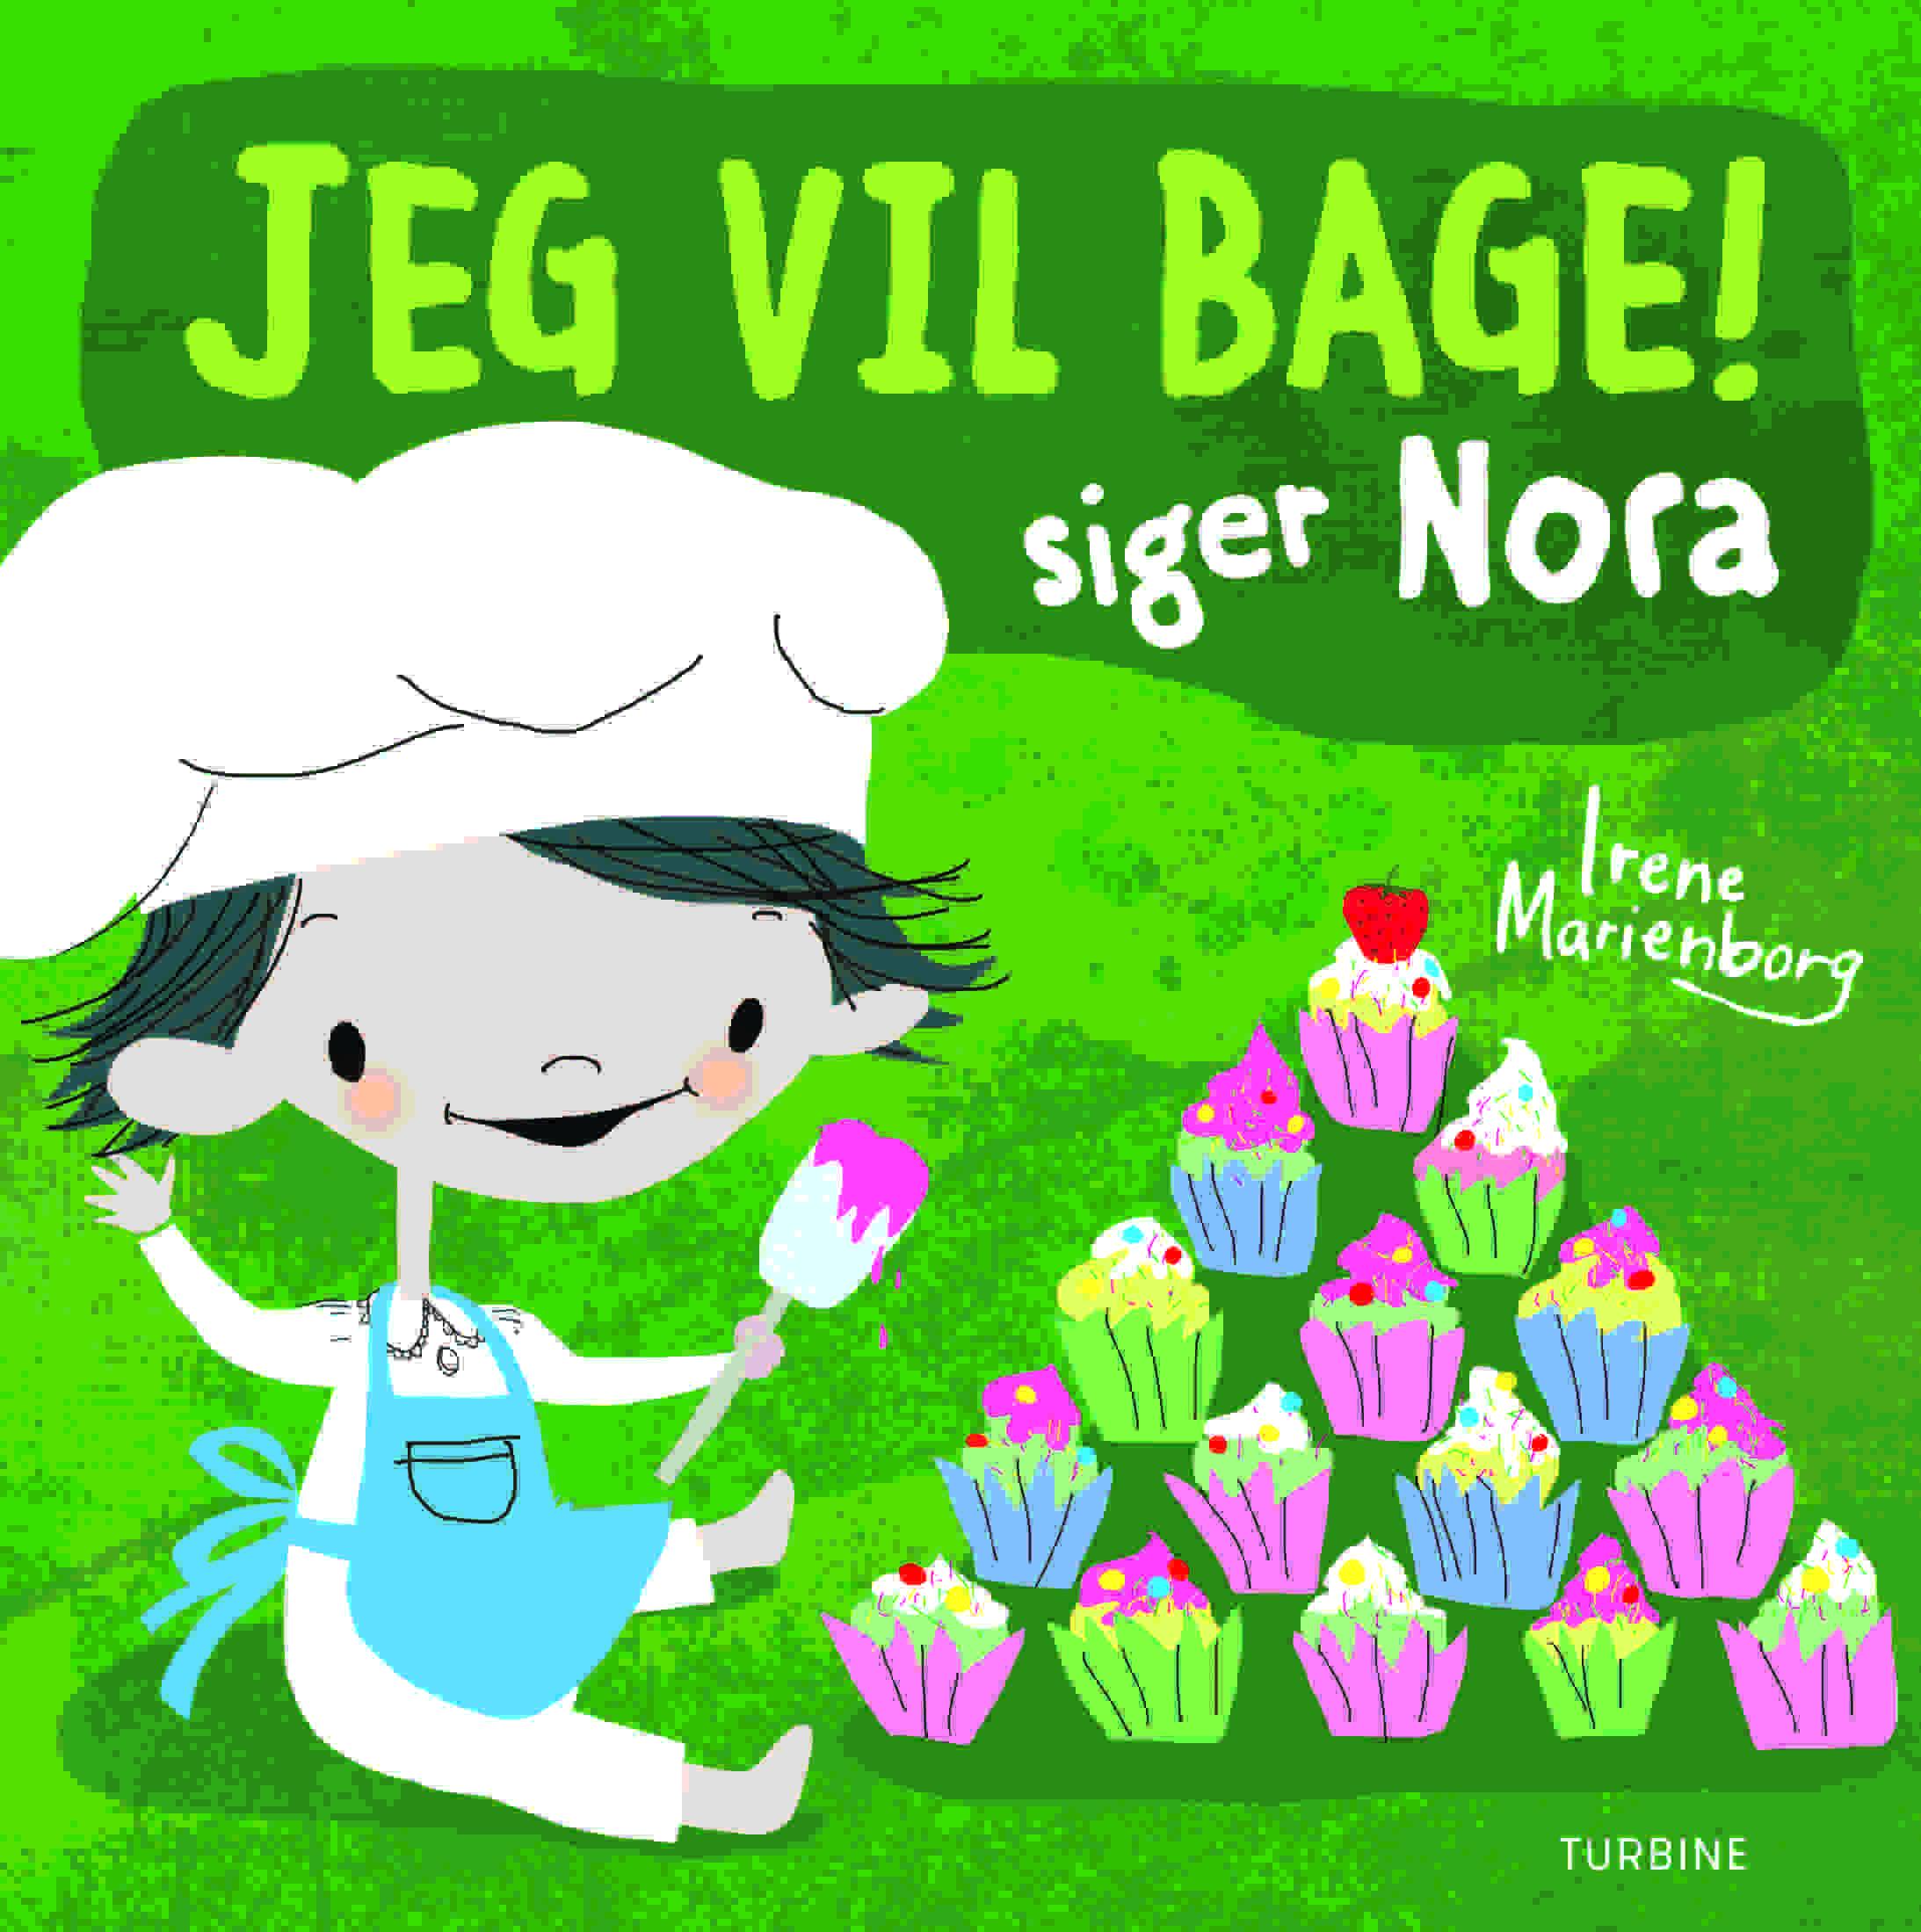 Jeg vil bage! siger Nora